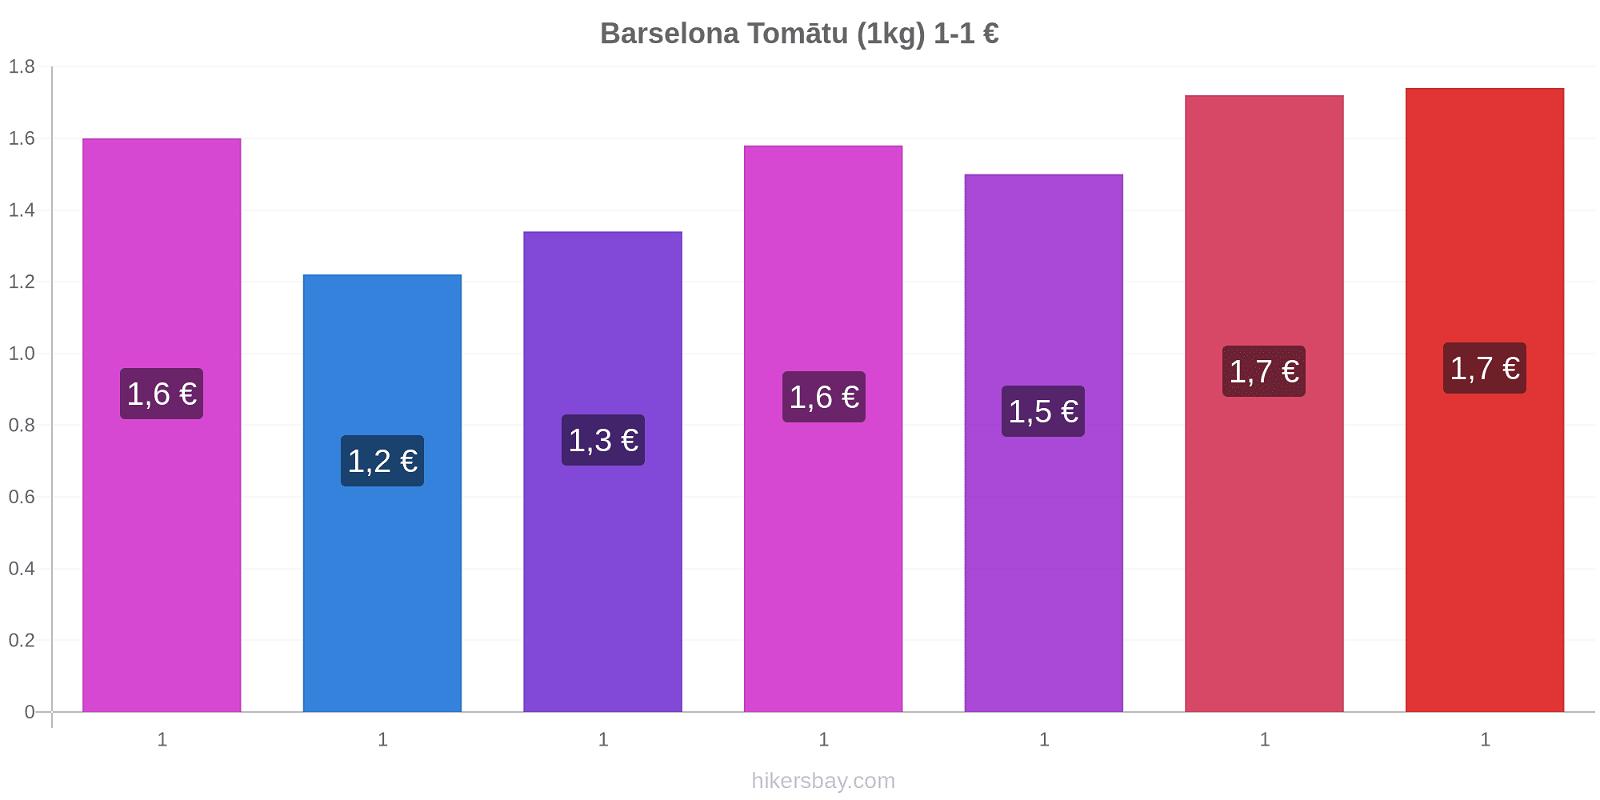 Barselona cenu izmaiņas Tomātu (1kg) hikersbay.com